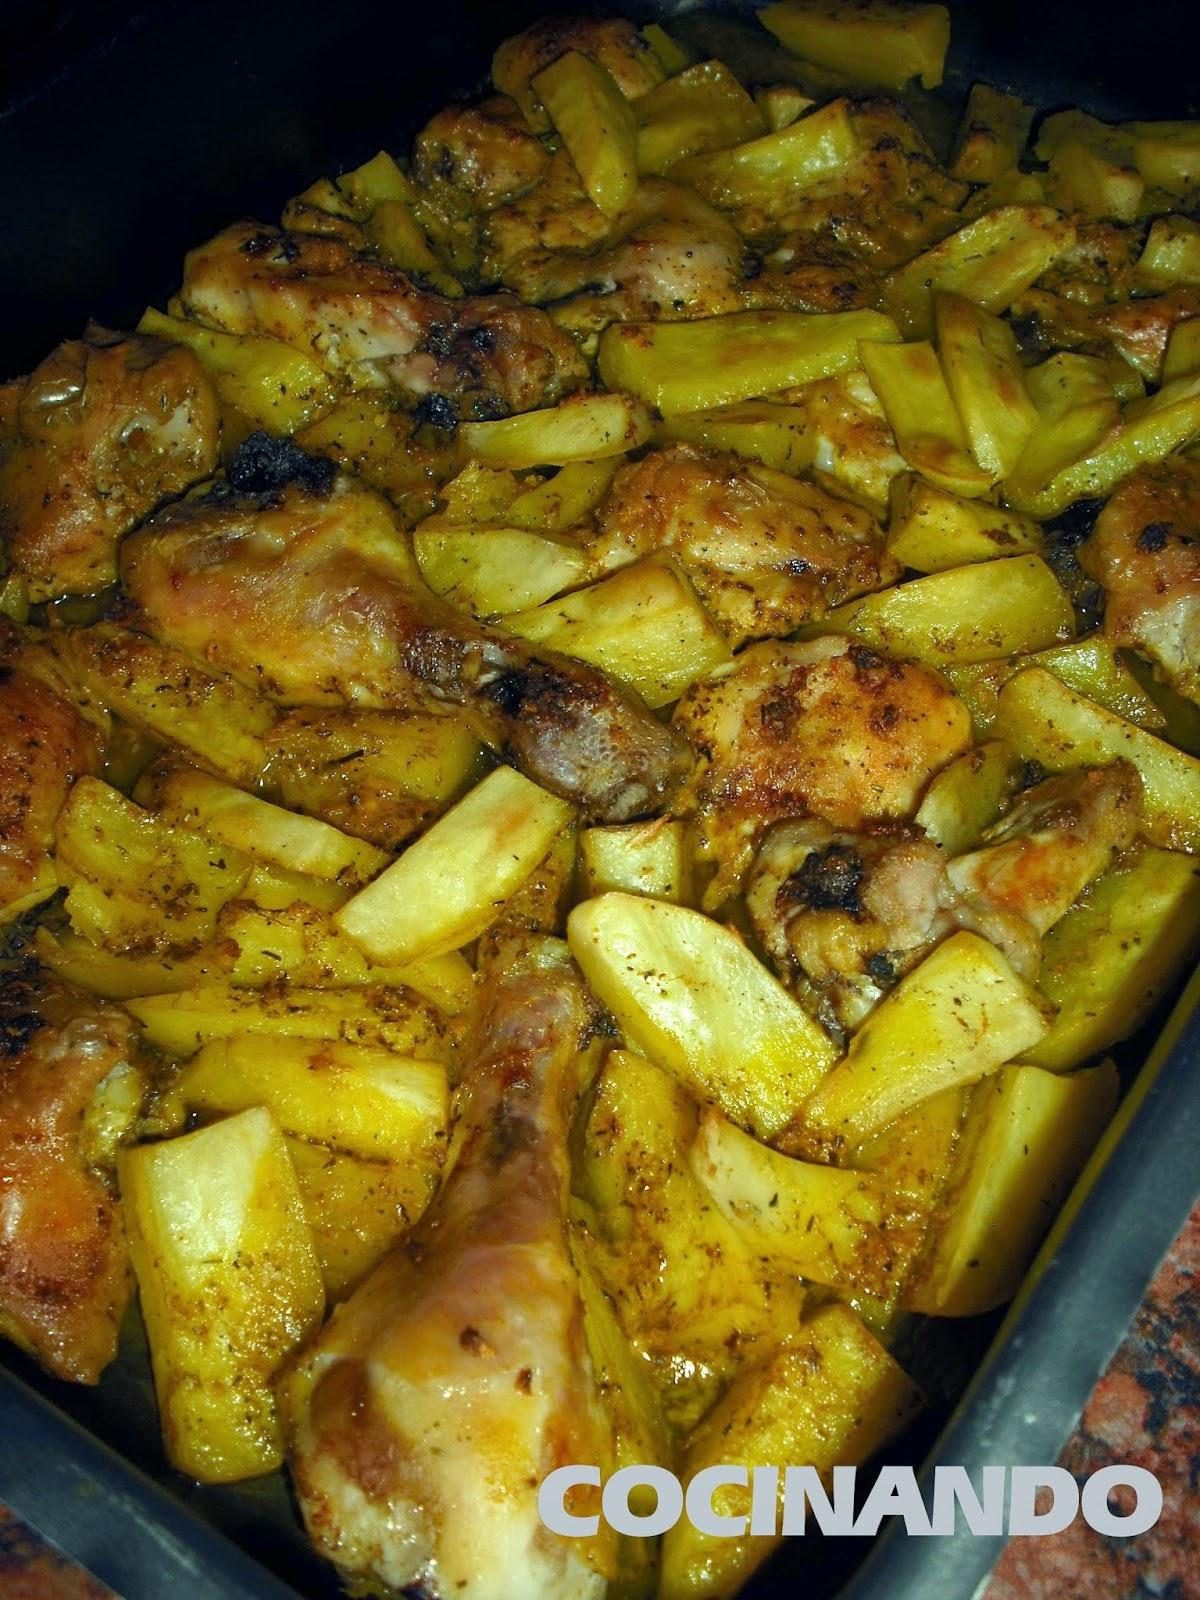 Cocinando pollo al horno con patatas - Pollo al horno con limon y patatas ...